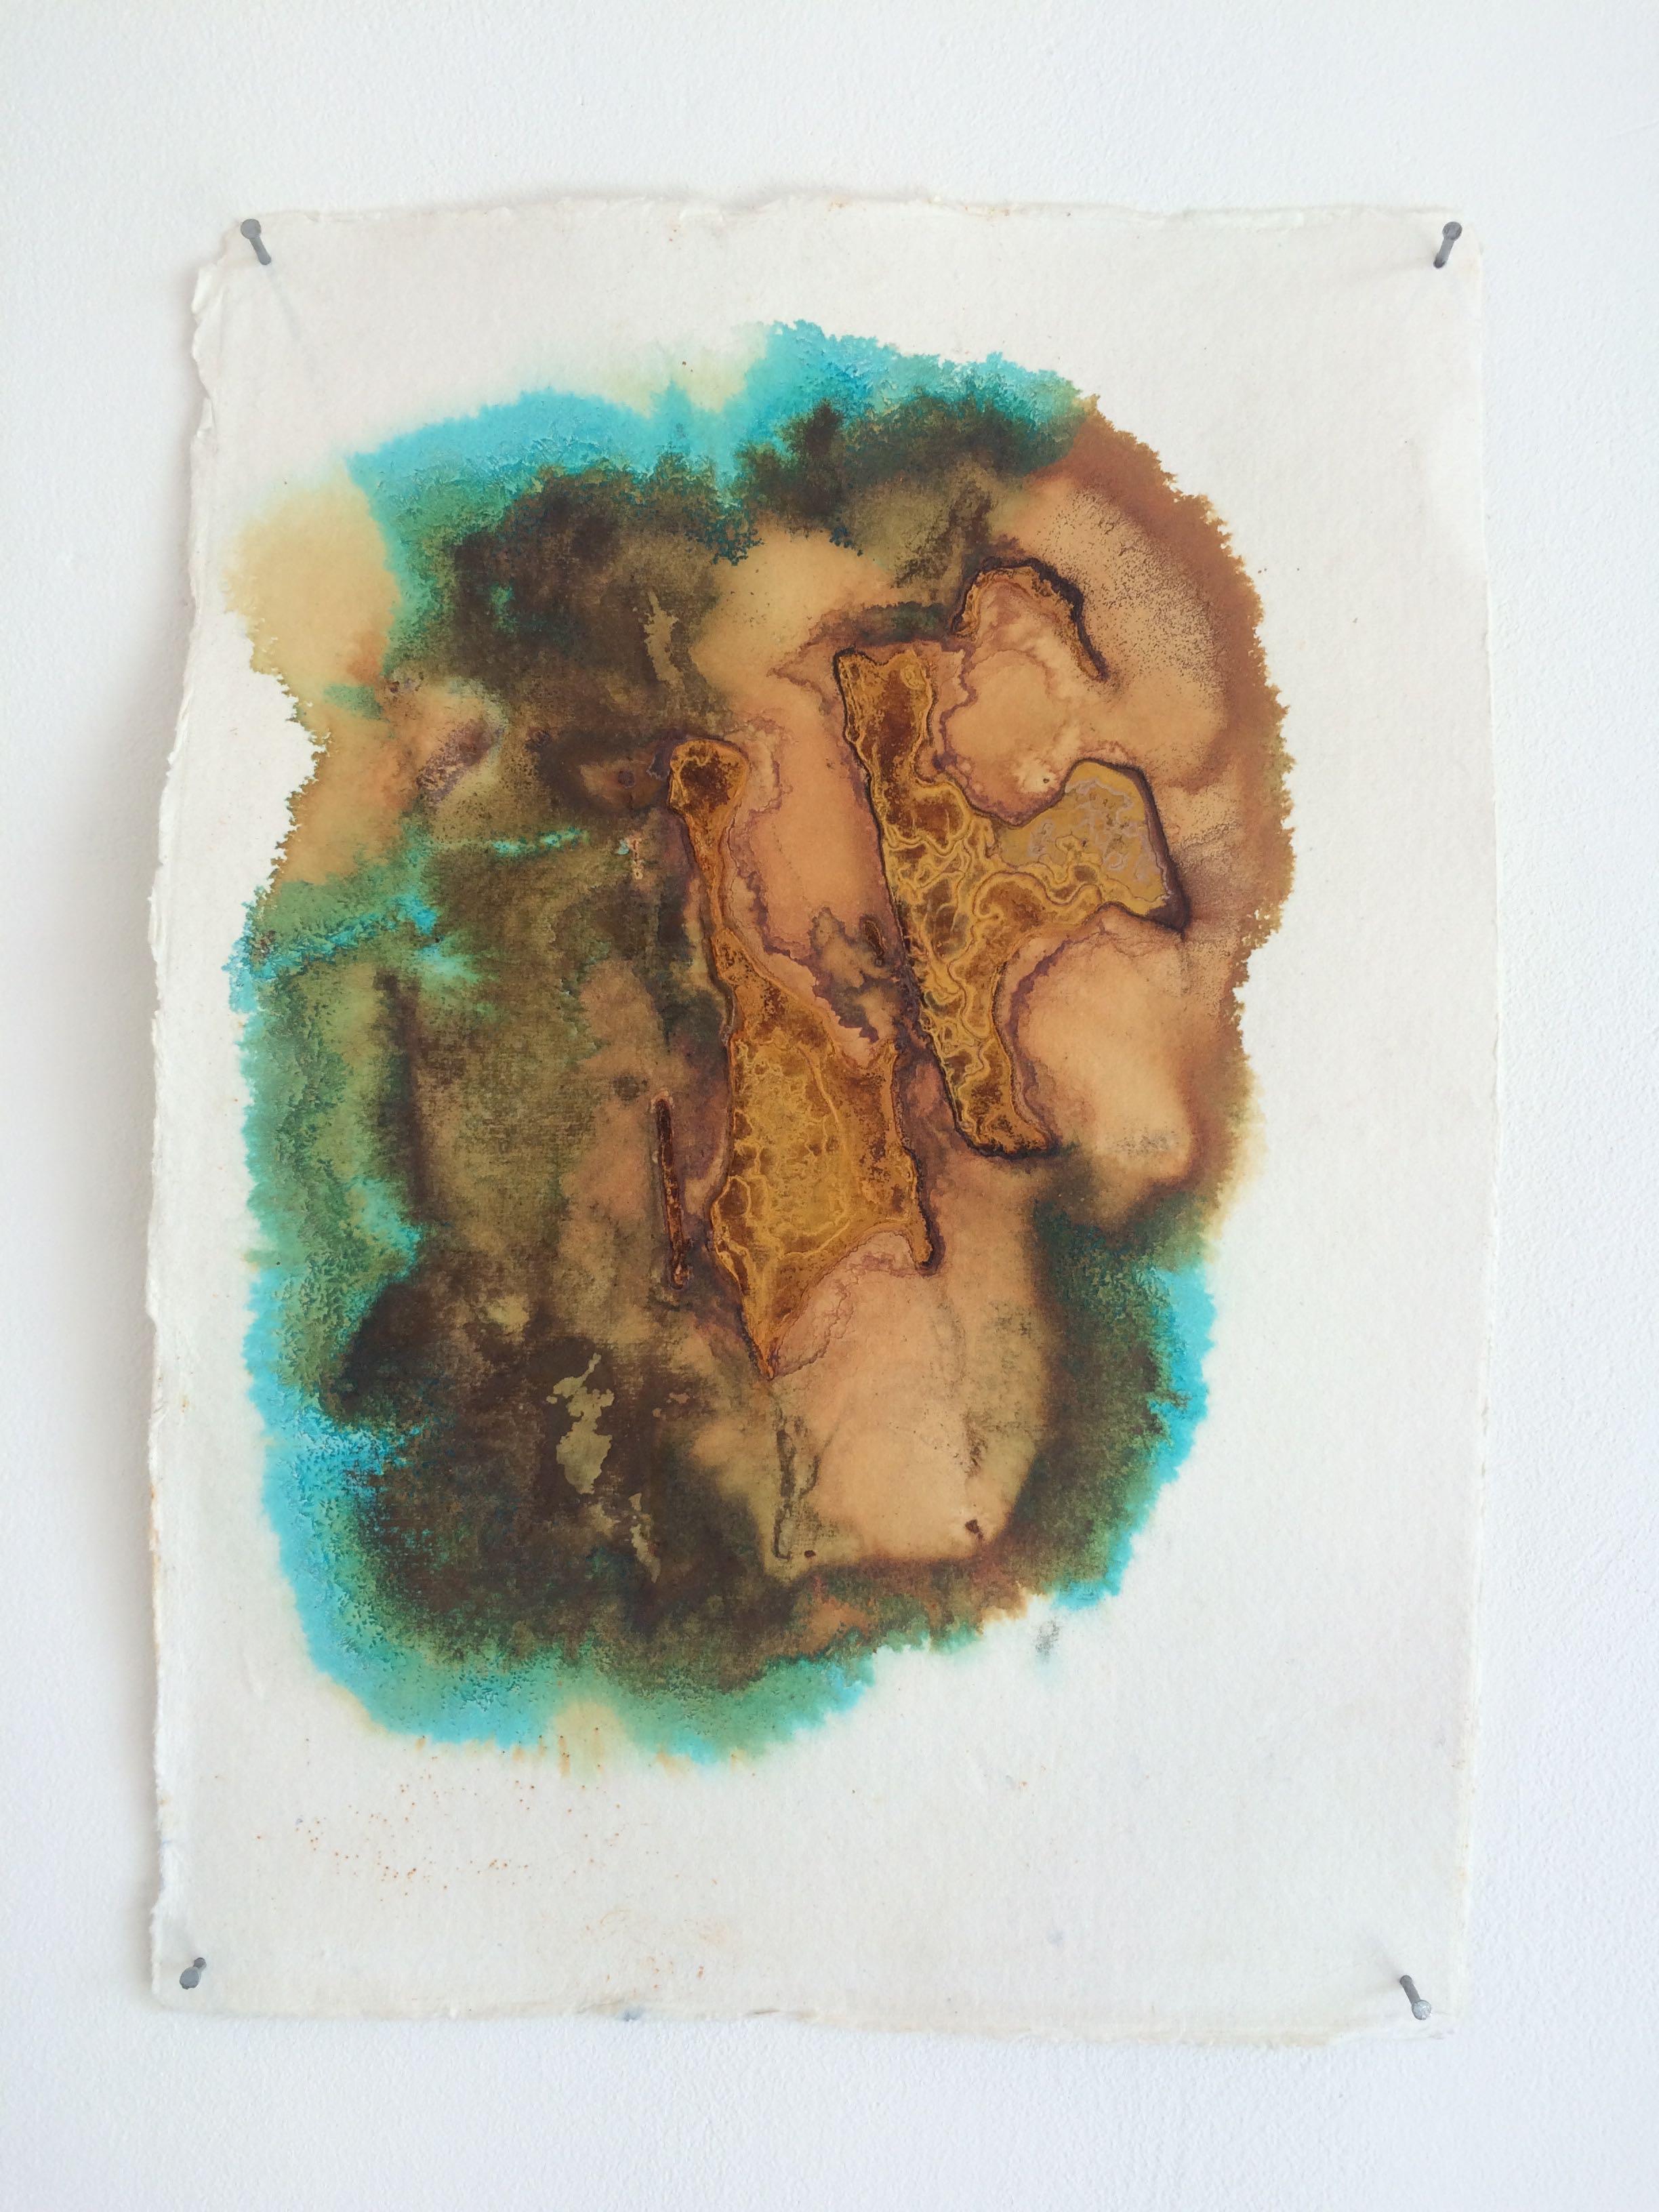 Oxidised Metal on Paper (2015)